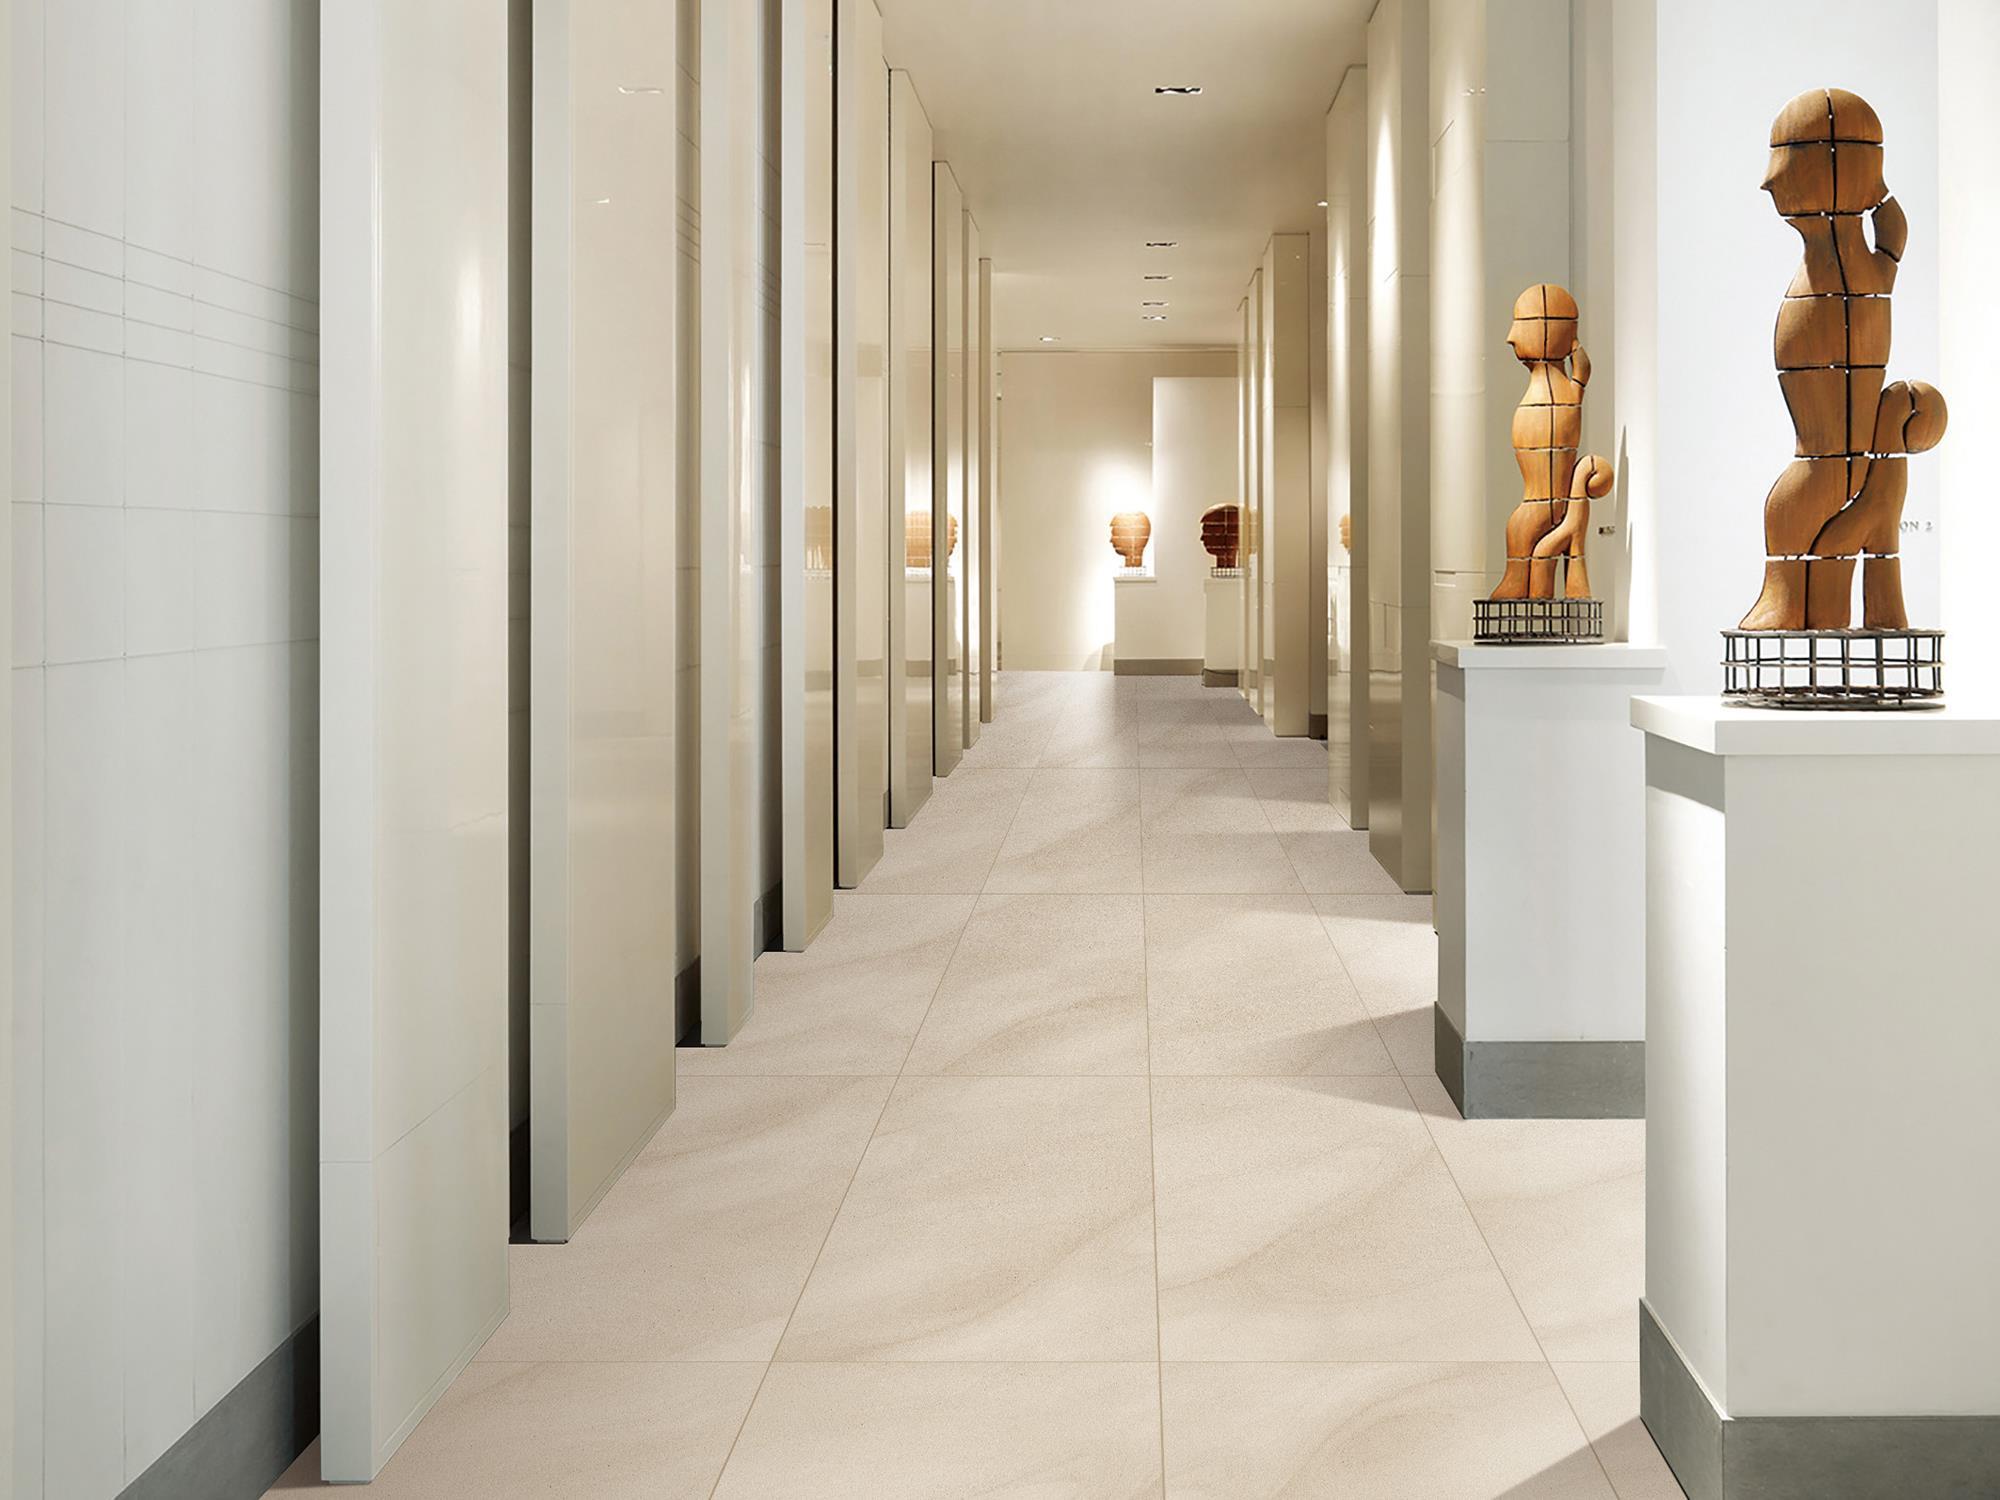 銘盛陶瓷仿古磚優缺點介紹  日常如何搭配更好看